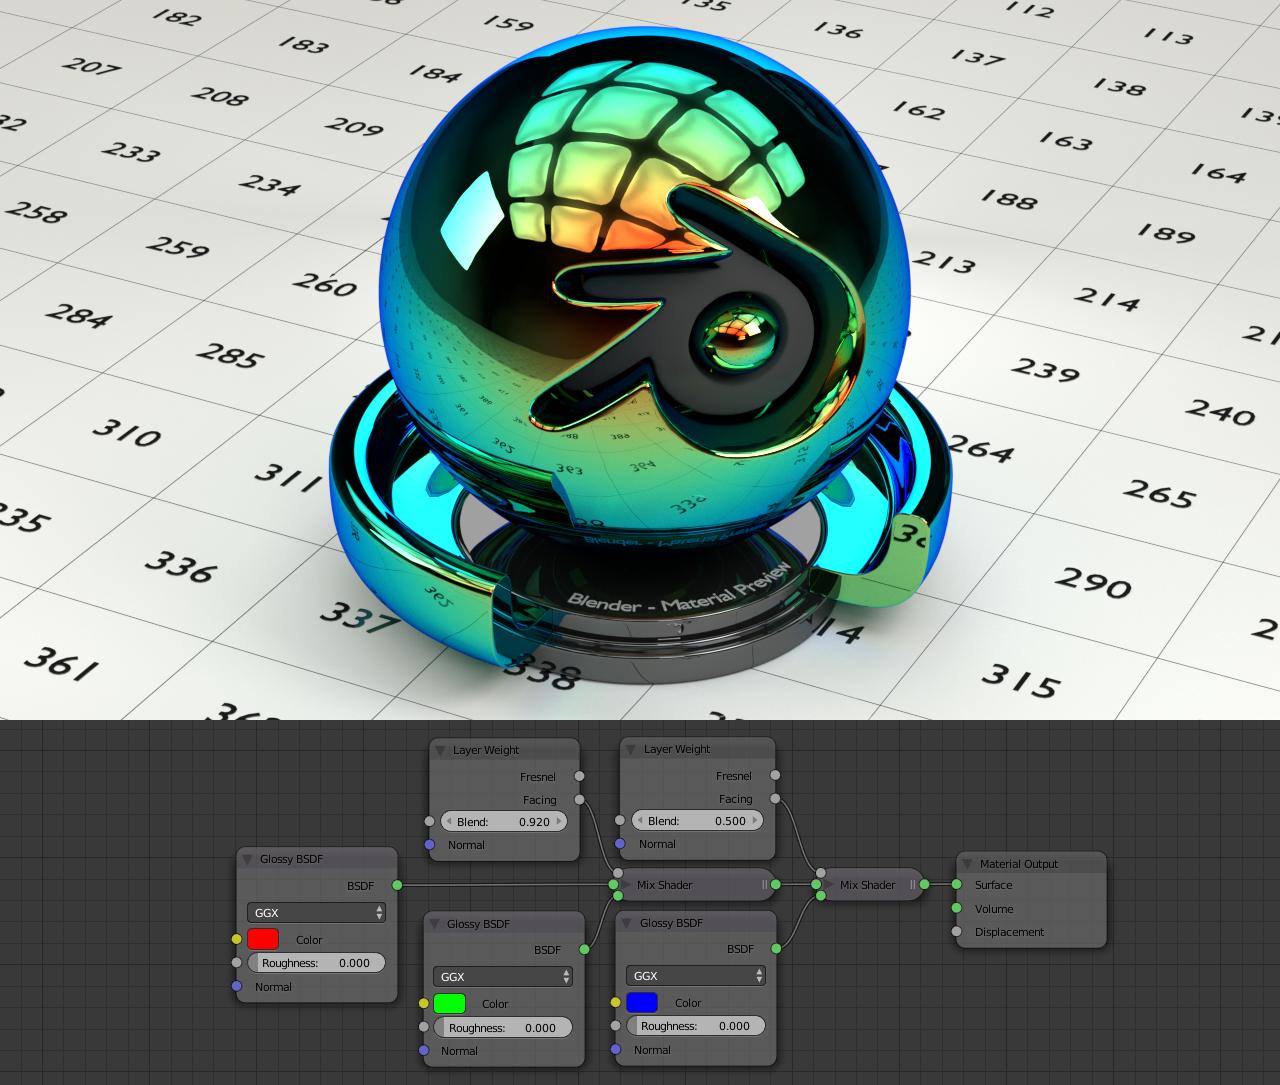 Mirror Sunglasses Shader Blender Tutorial Blender Character Modeling Blender 3d